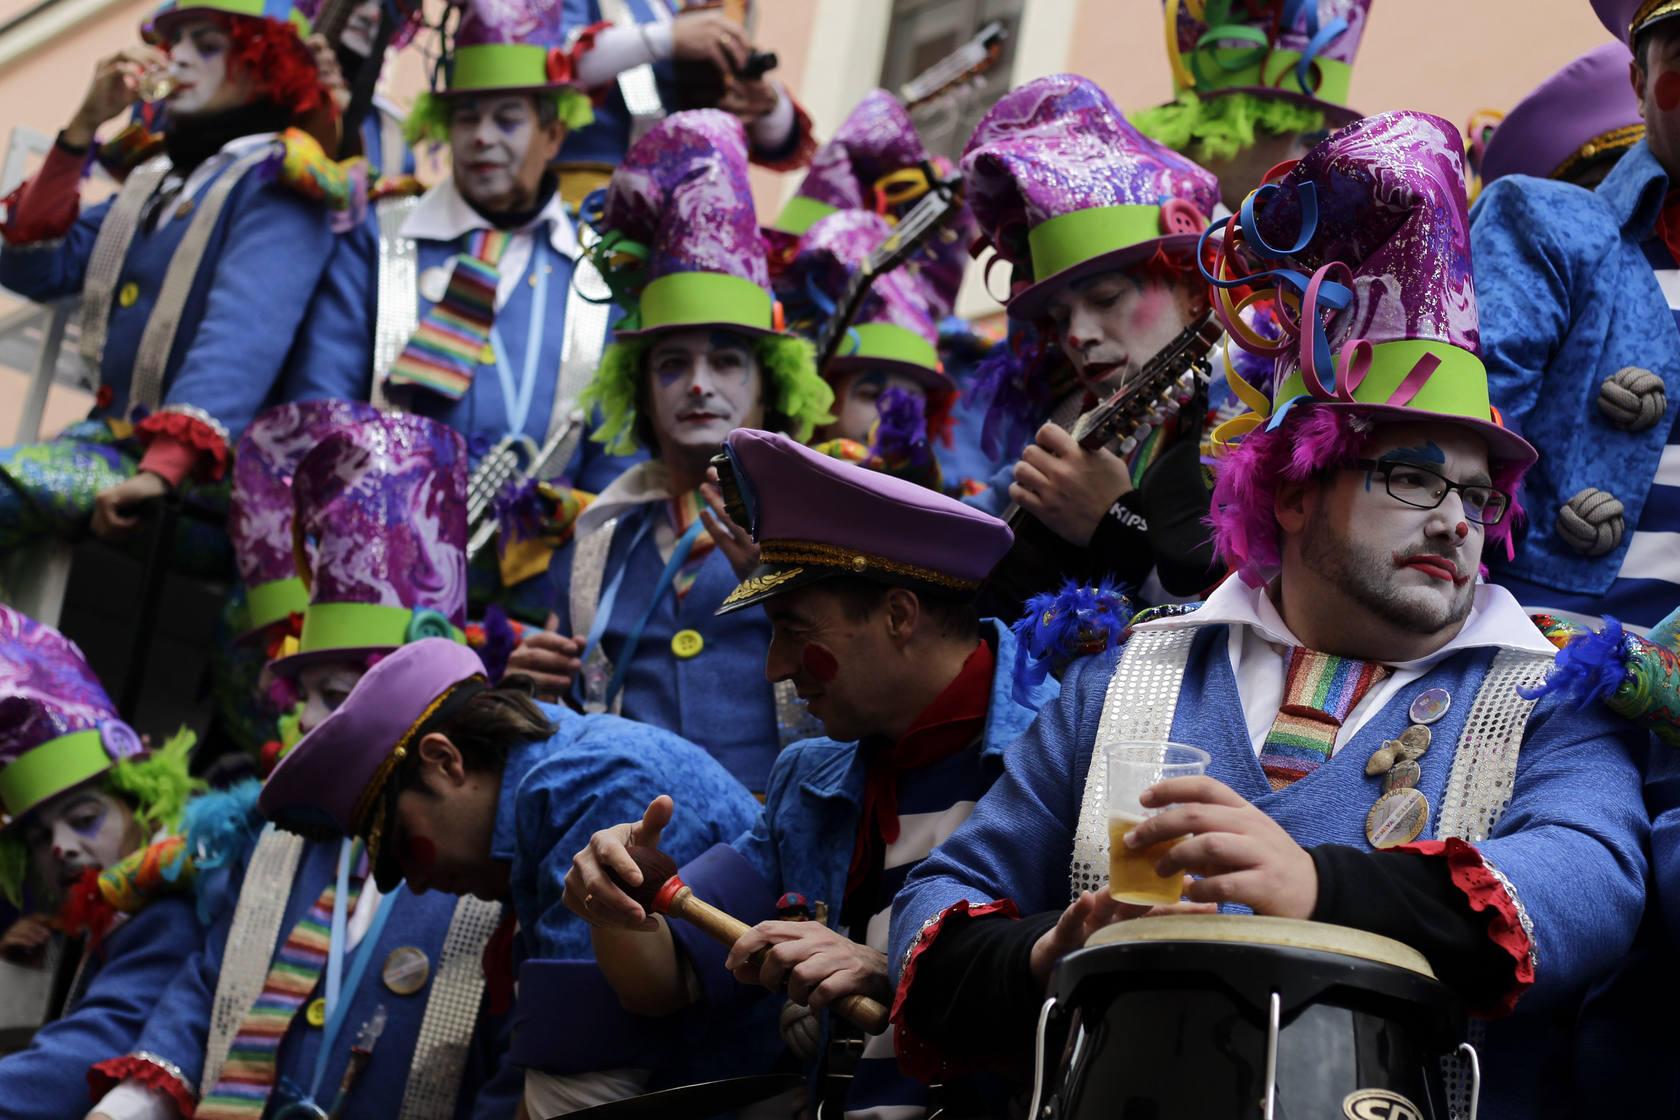 Carrusel de coros en el Mentidero - Segundo fin de semana de Carnaval 2013